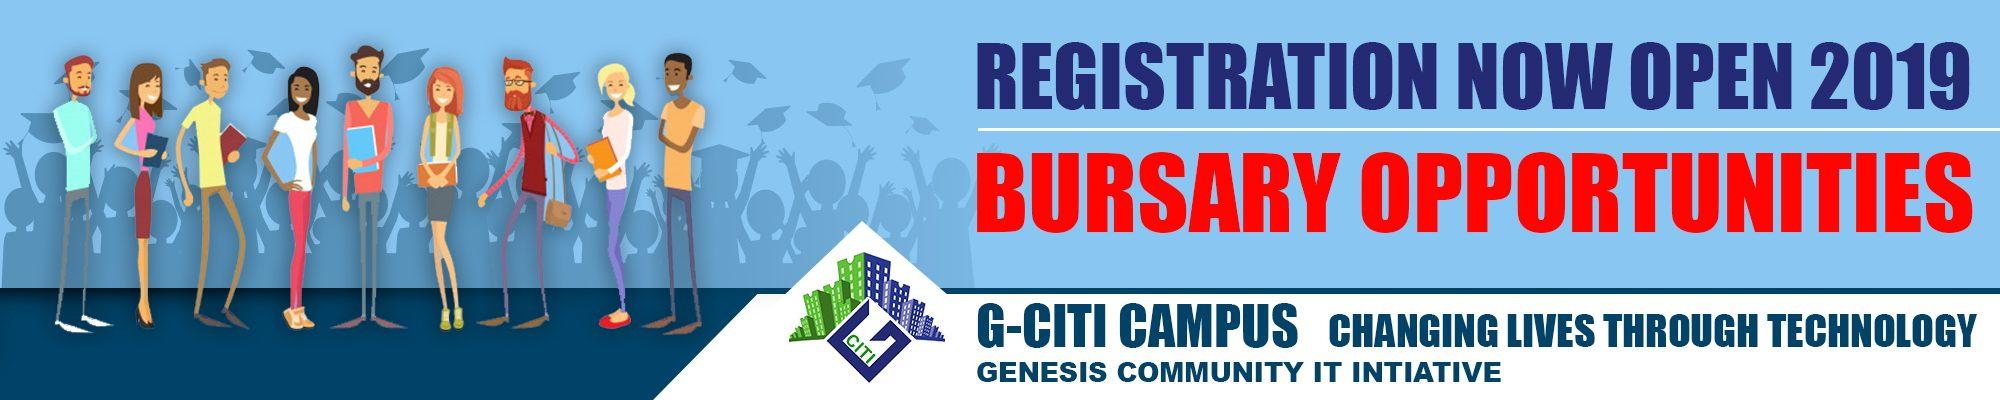 G-CITI Campus